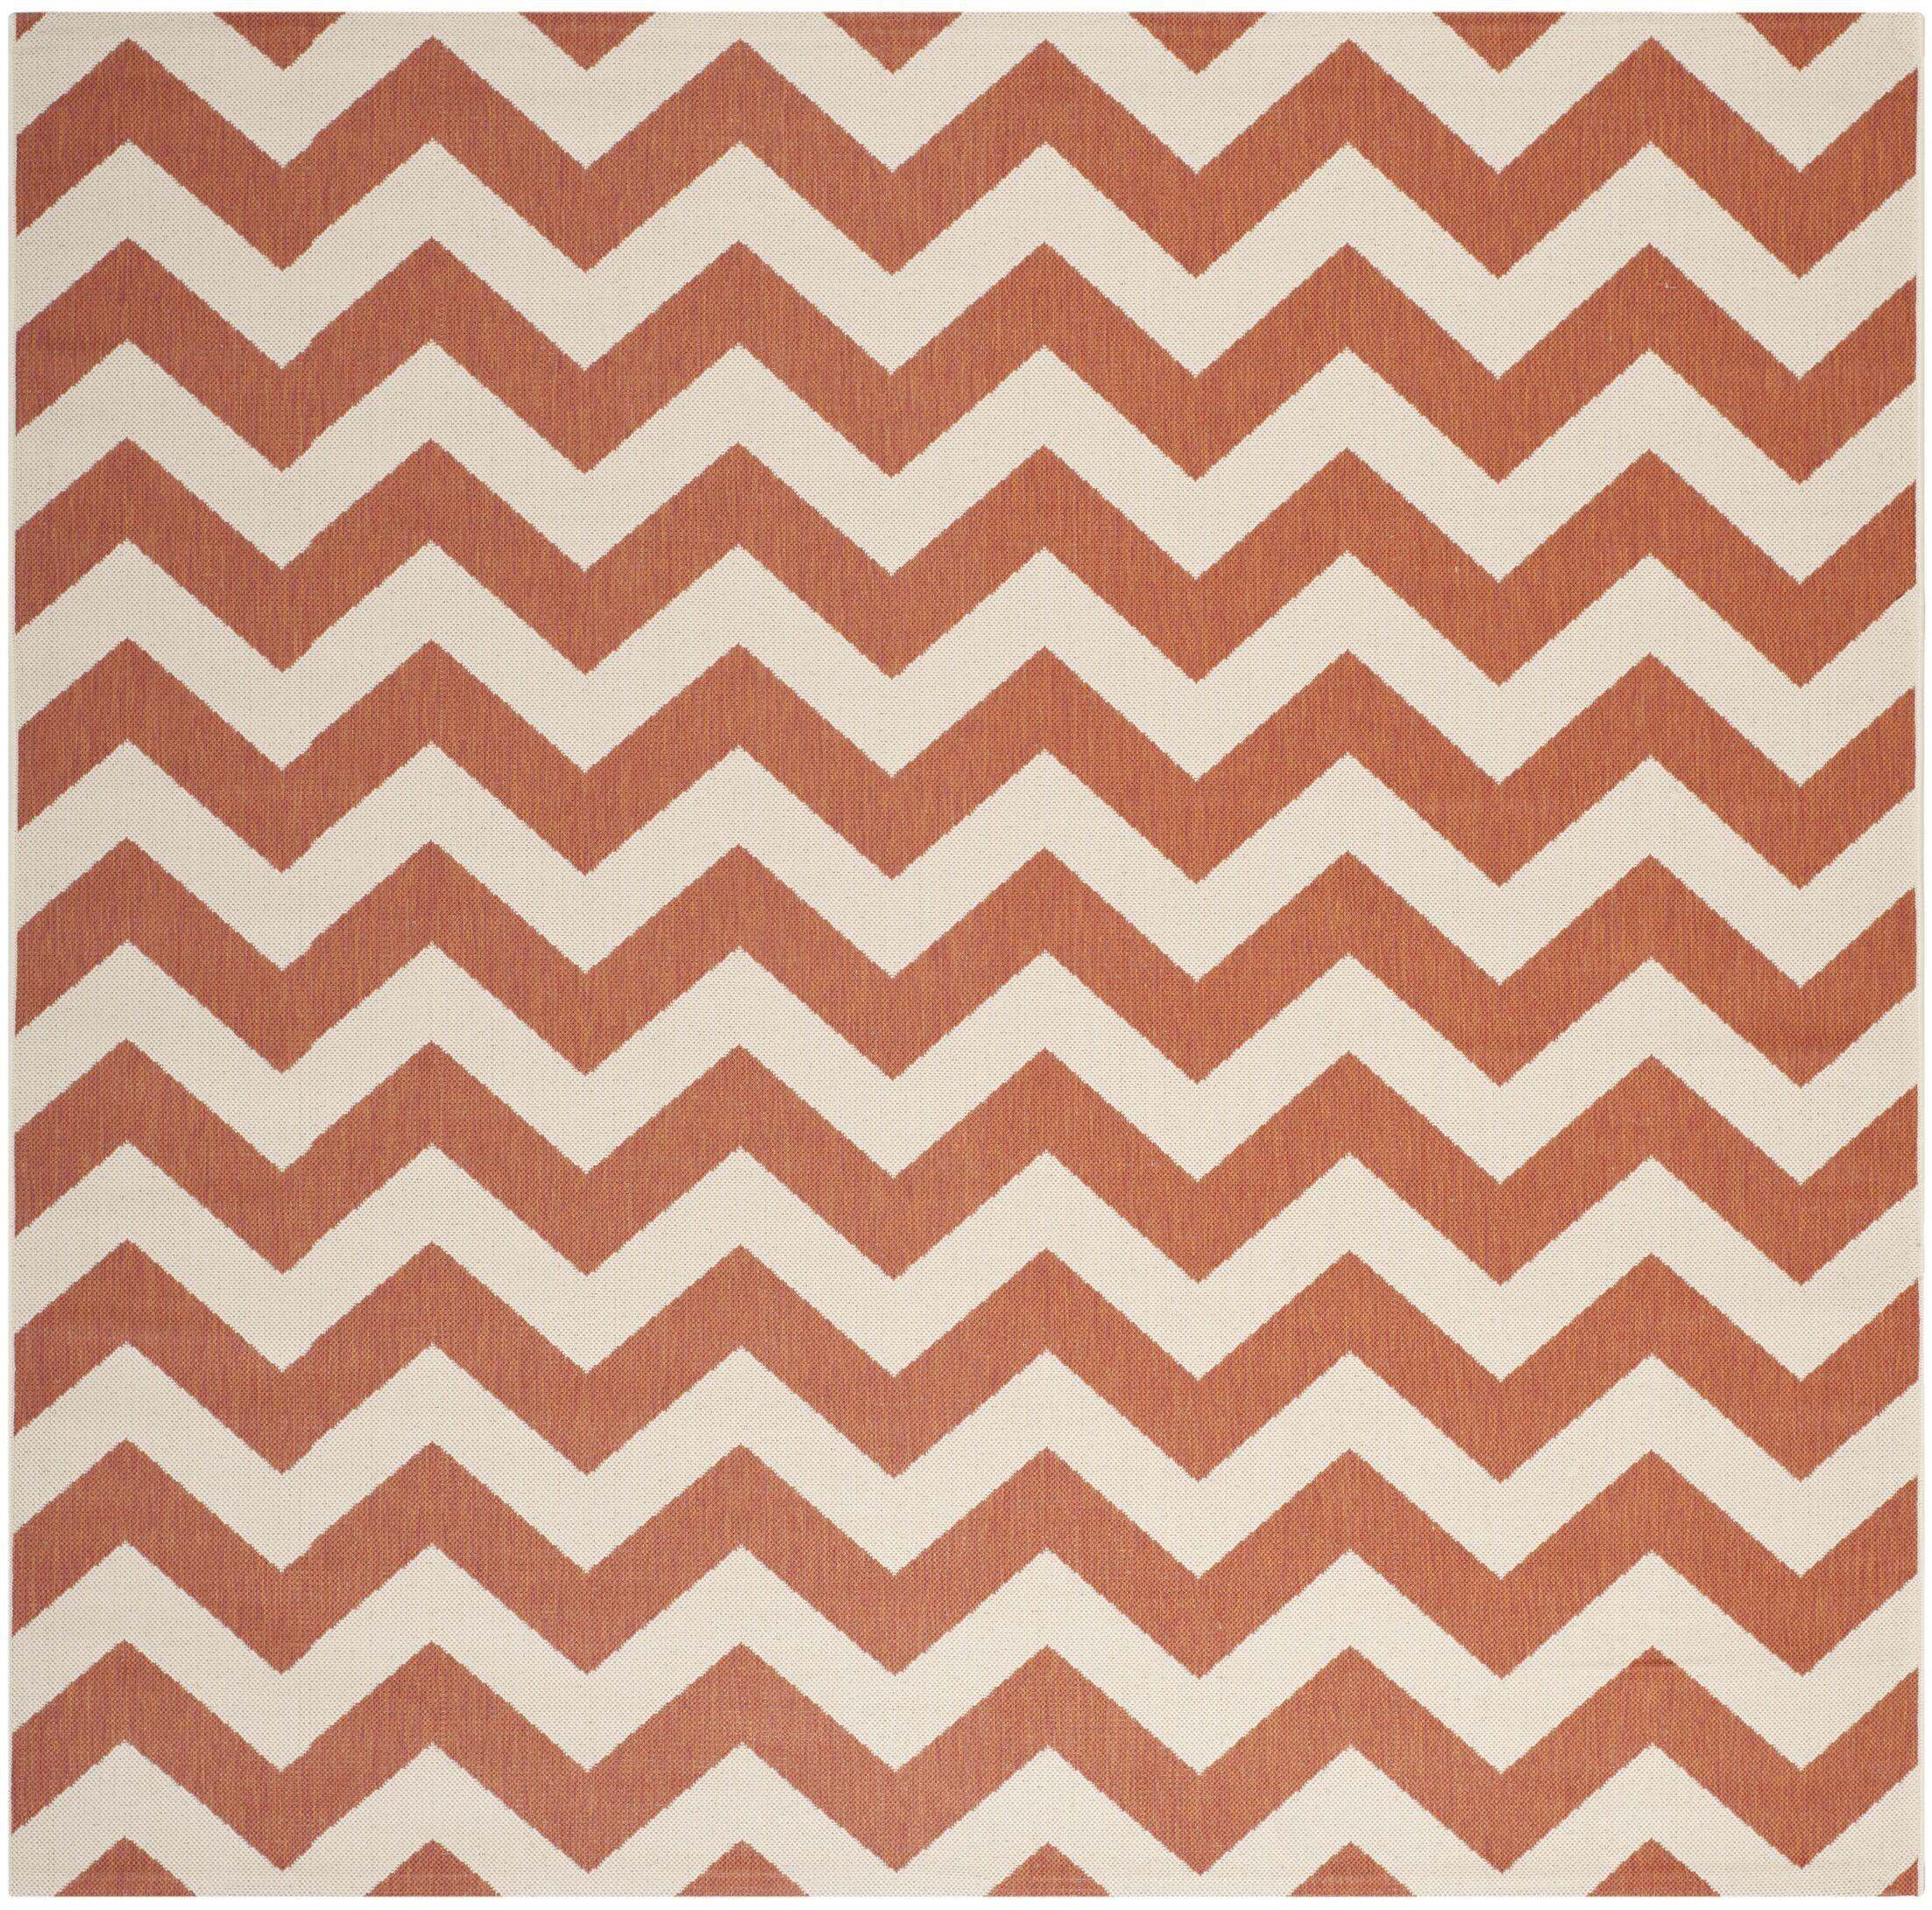 Mullen Terracotta/Beige Indoor/Outdoor Area Rug Rug Size: Square 5'3